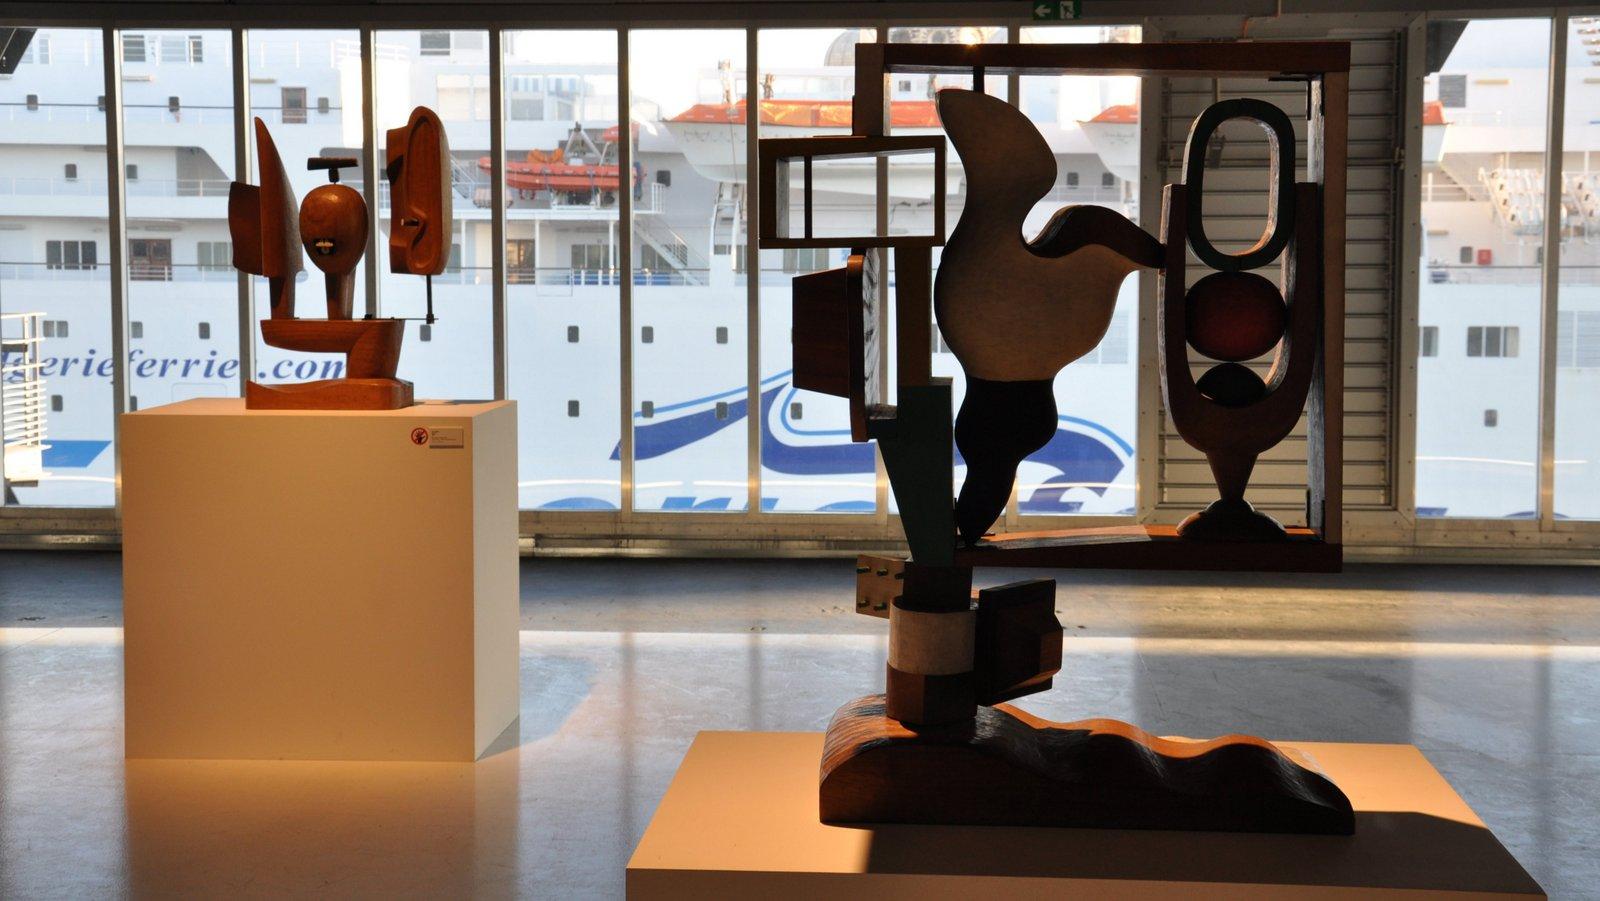 Esculturas de Le Corbusier con una vista de un ferry amarrado frente al J1